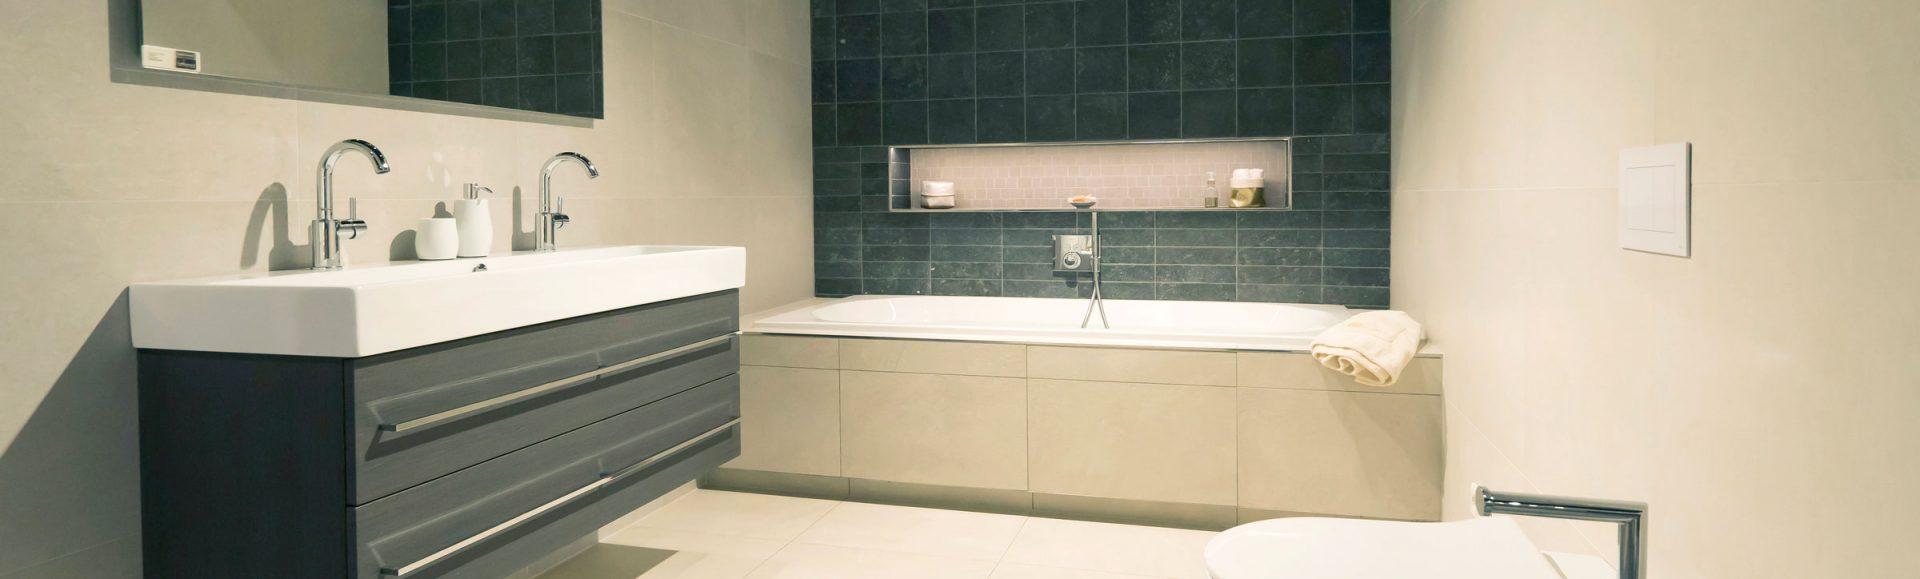 schuit-totaal-wonen-showroom-badkamers-5